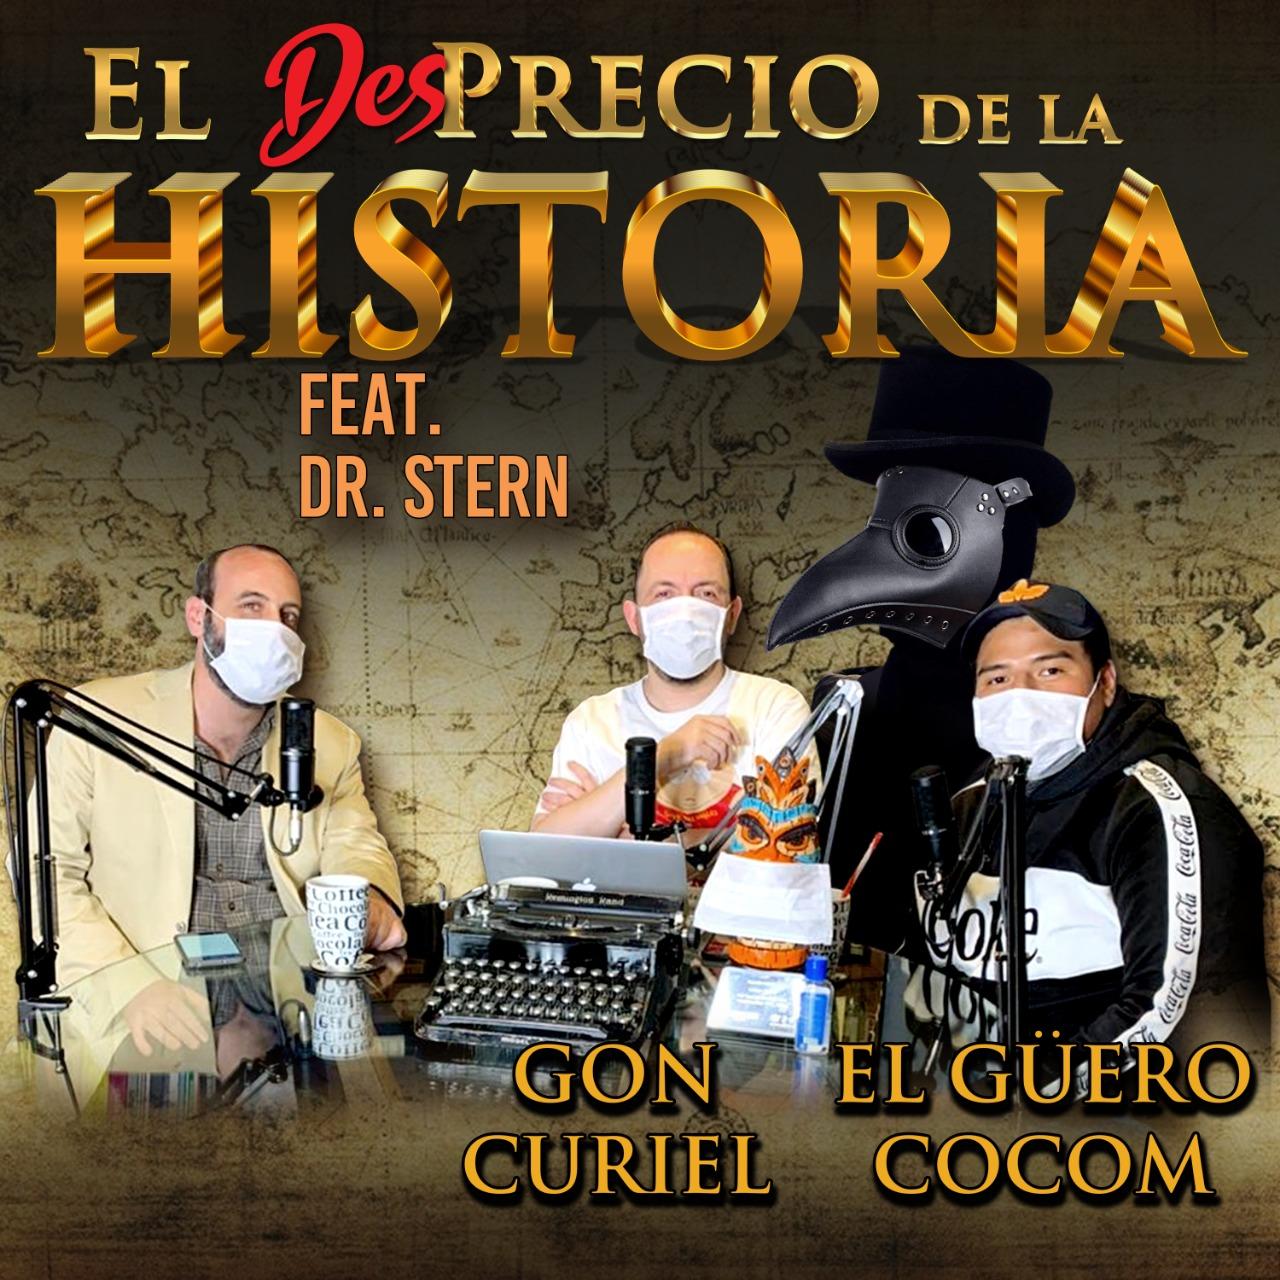 27 - Las epidemias no dan risa (nosotros sí) ft. El Dr. Stern